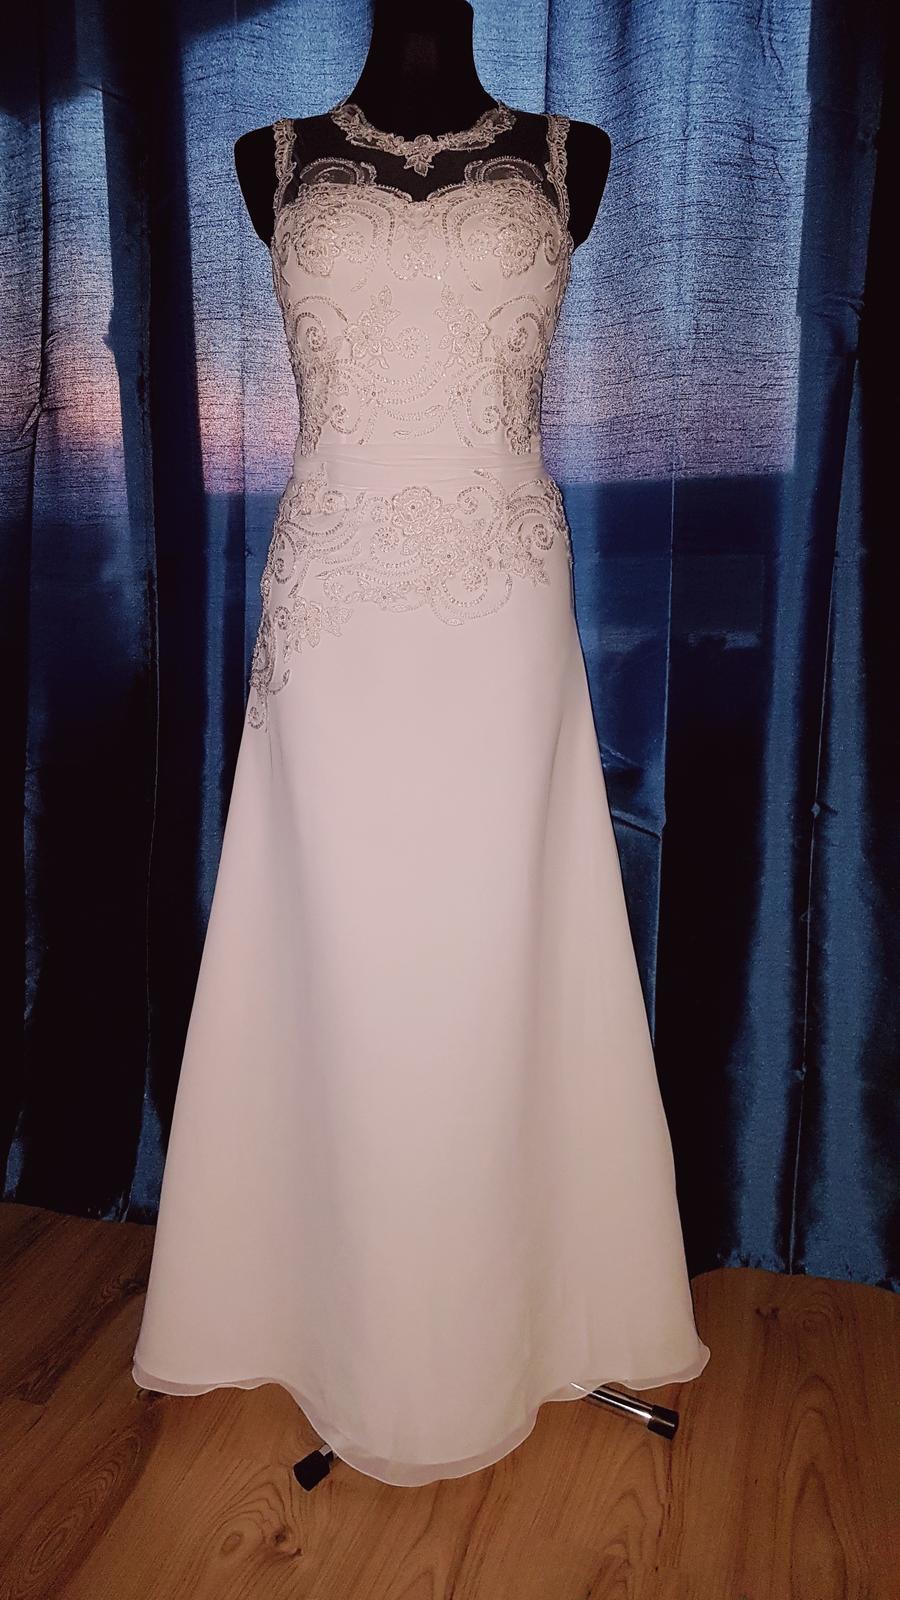 Svadobné šaty 36-38 na 172 cm - Obrázok č. 1